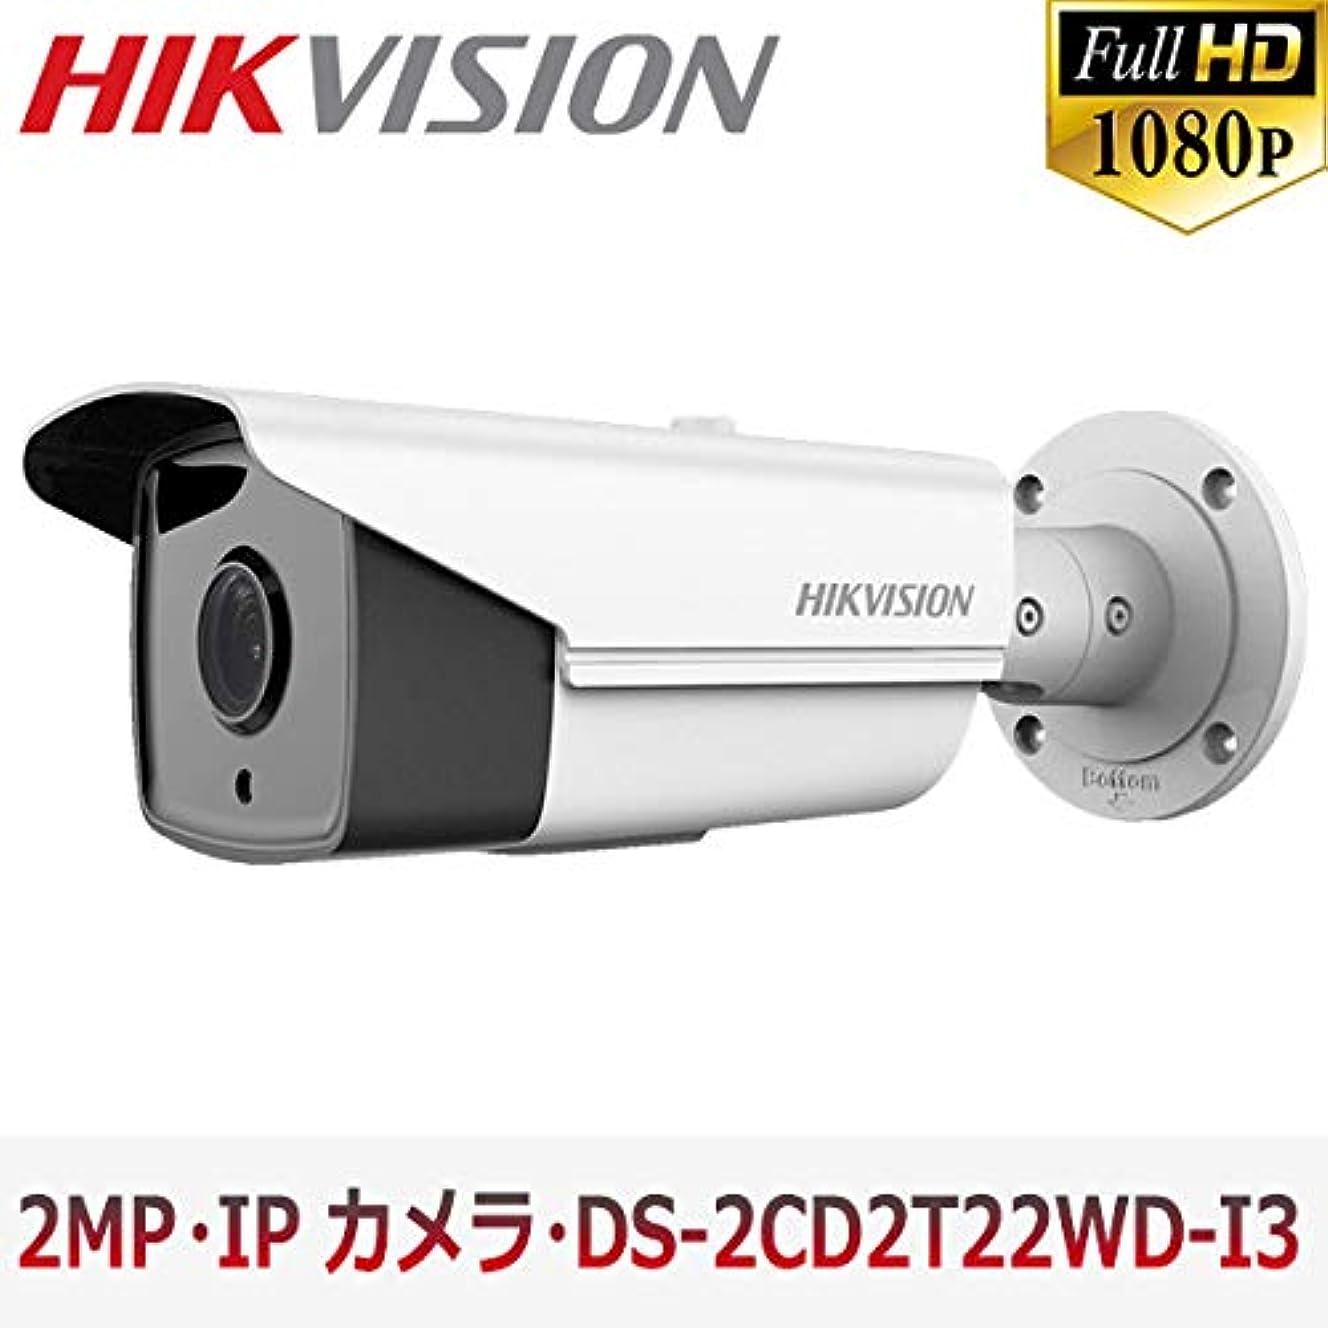 ホバークラック隠された[HIKVISION] 防犯カメラ 200万画素 EXIR IP CAMERA 2メガピクセル 防水 逆光補正 夜間30m CCTV LED POE DS-2CD2T22WD-I3 4mm 6mm